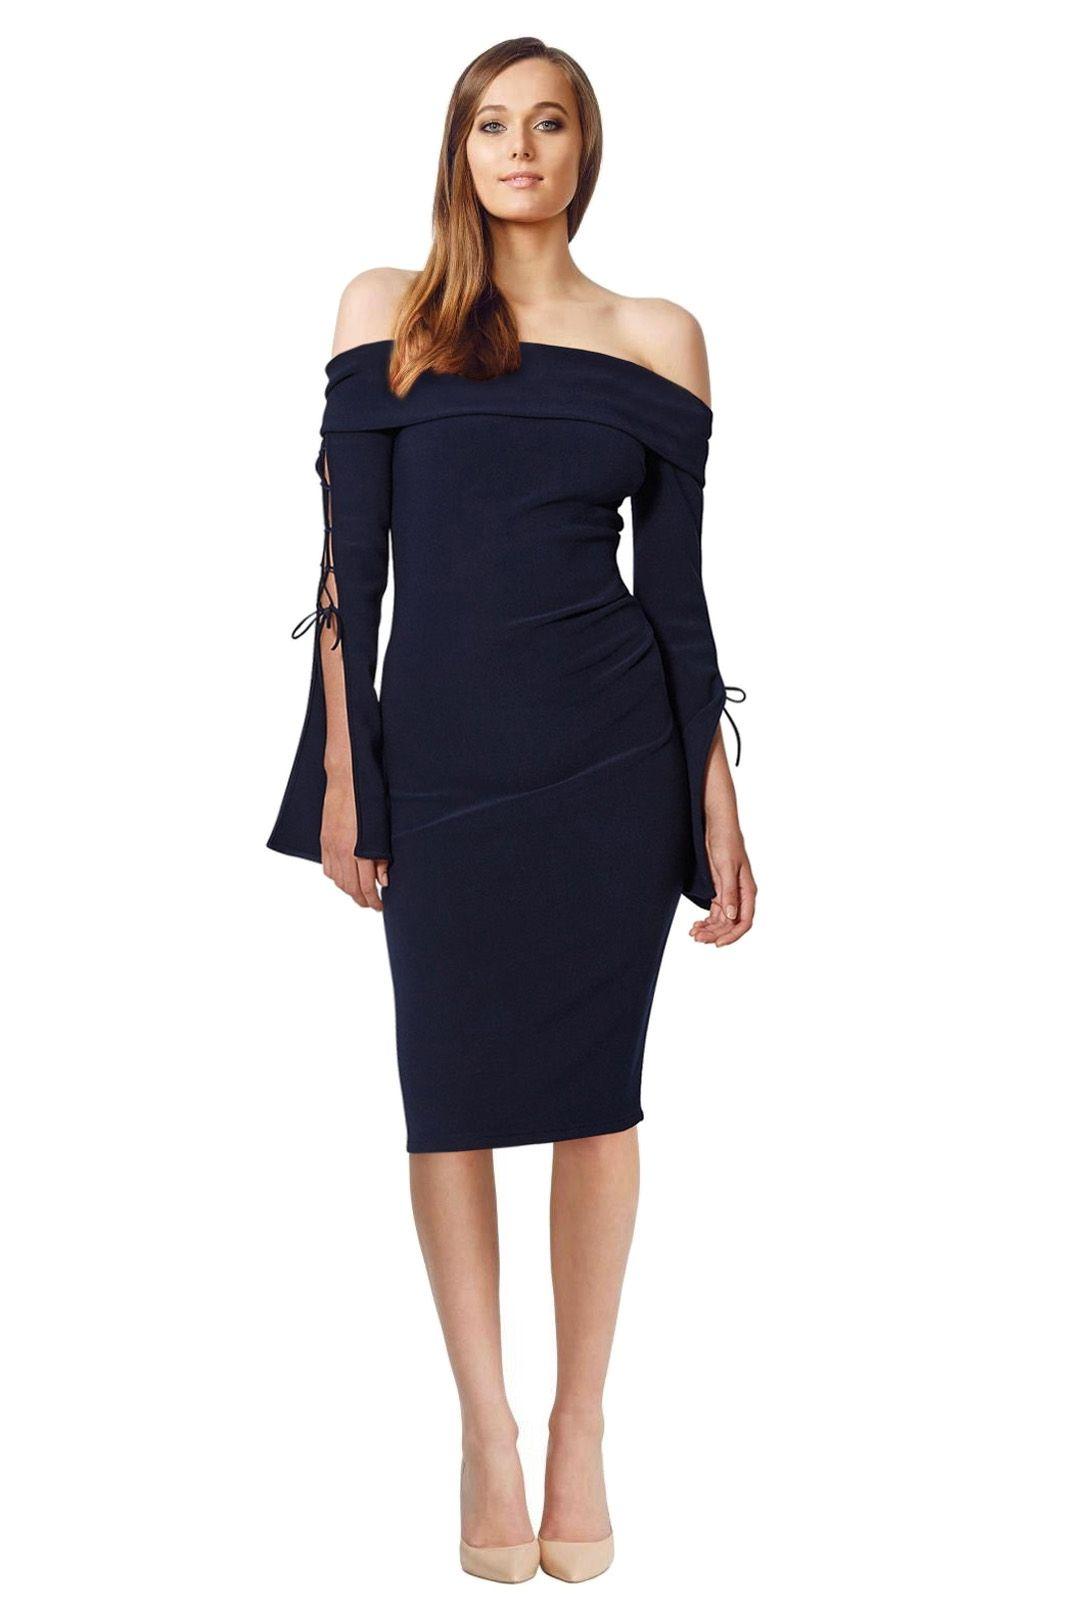 Bec & Bridge - Winkworth Dress - Navy - Front